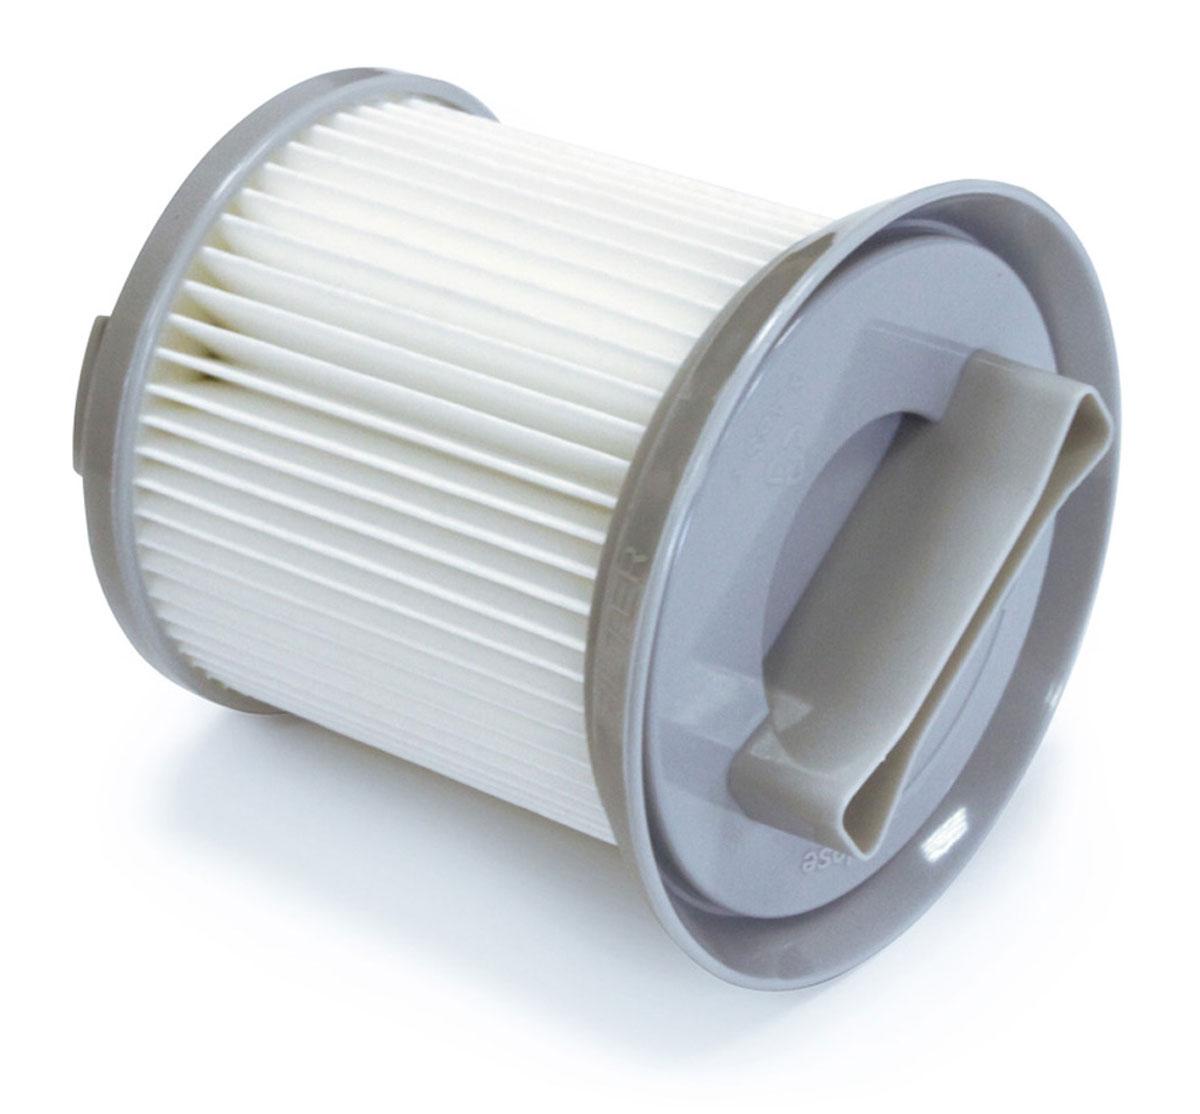 Filtero FTH 12 фильтр для пылесосов Electrolux & ZanussiFTH 12Фильтр Filtero FTH 12 уровня фильтрации НЕРА Н 12. Препятствует выходу мельчайших частиц пыли и аллергенов из пылесоса в помещение. Фильтр немоющийся. Подлежит замене, согласно рекомендации производителя пылесосов - не реже одного раза за 6 месяцев.Подходит для следующих пылесосов:Electrolux: ZSH 710 - ZSH 730 Zanussi: ZANS 710, ZANS 715, ZANS 730, ZANS 731, ZANS 750